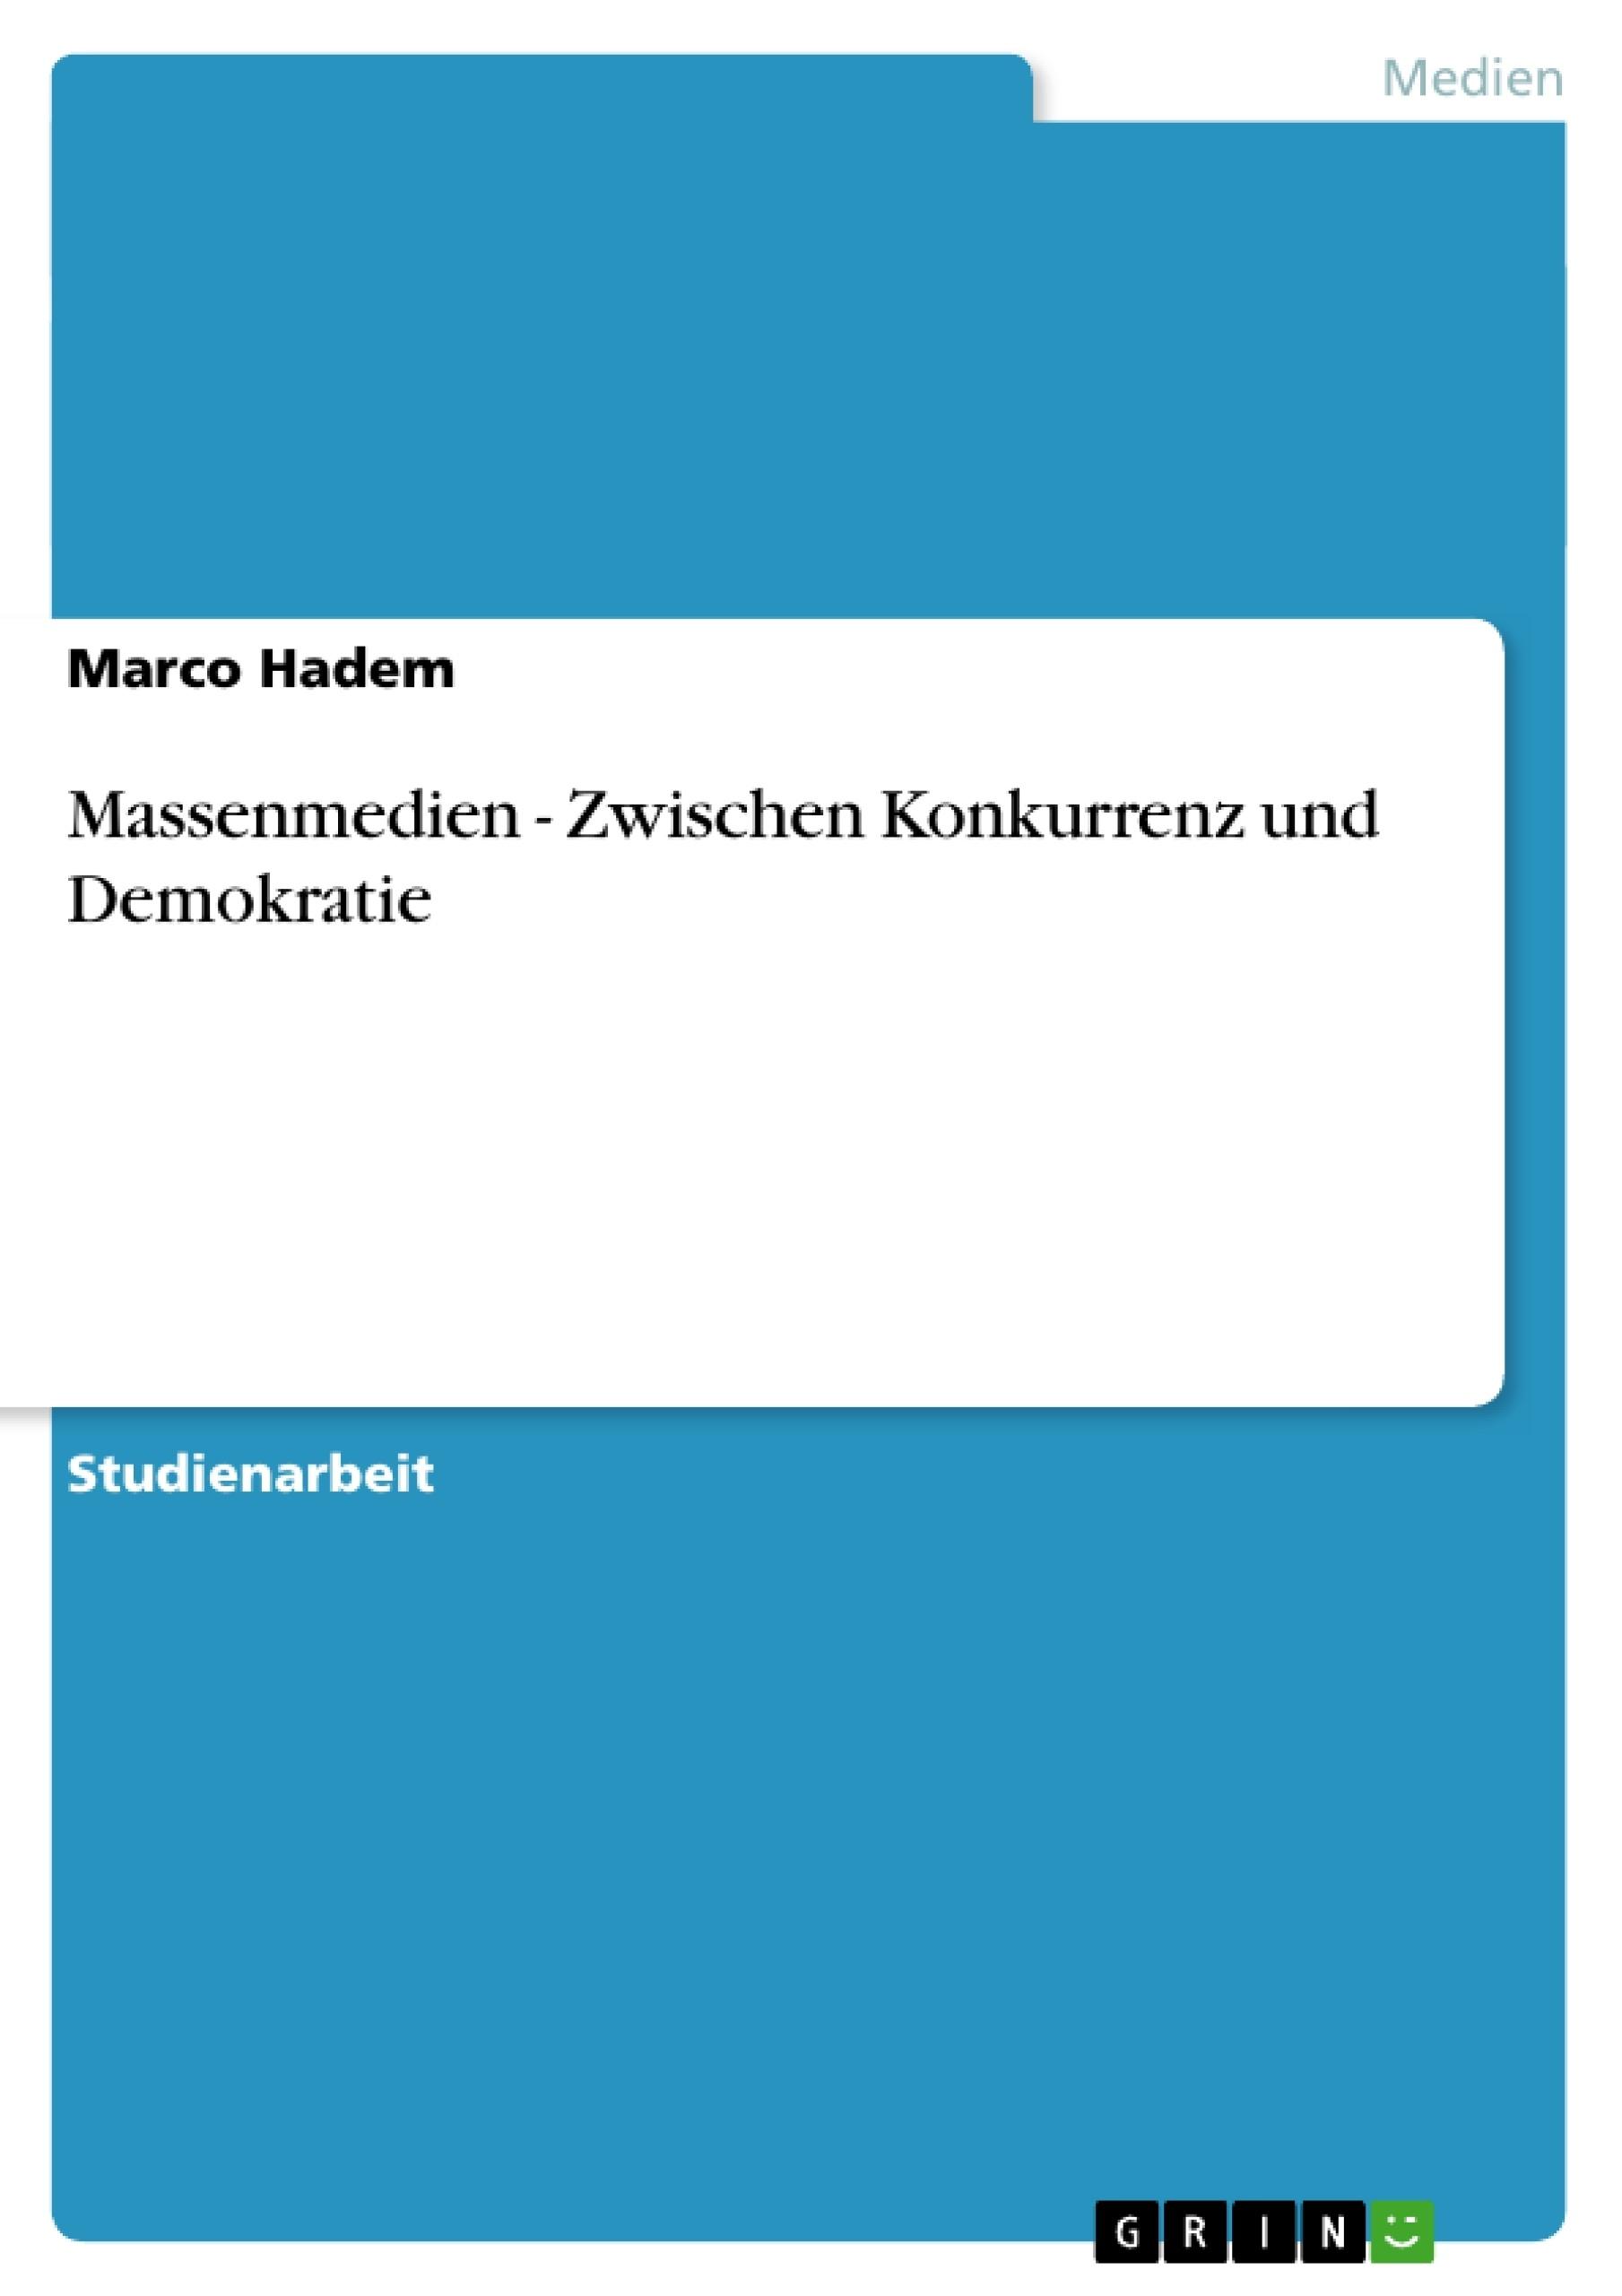 Titel: Massenmedien - Zwischen Konkurrenz und Demokratie